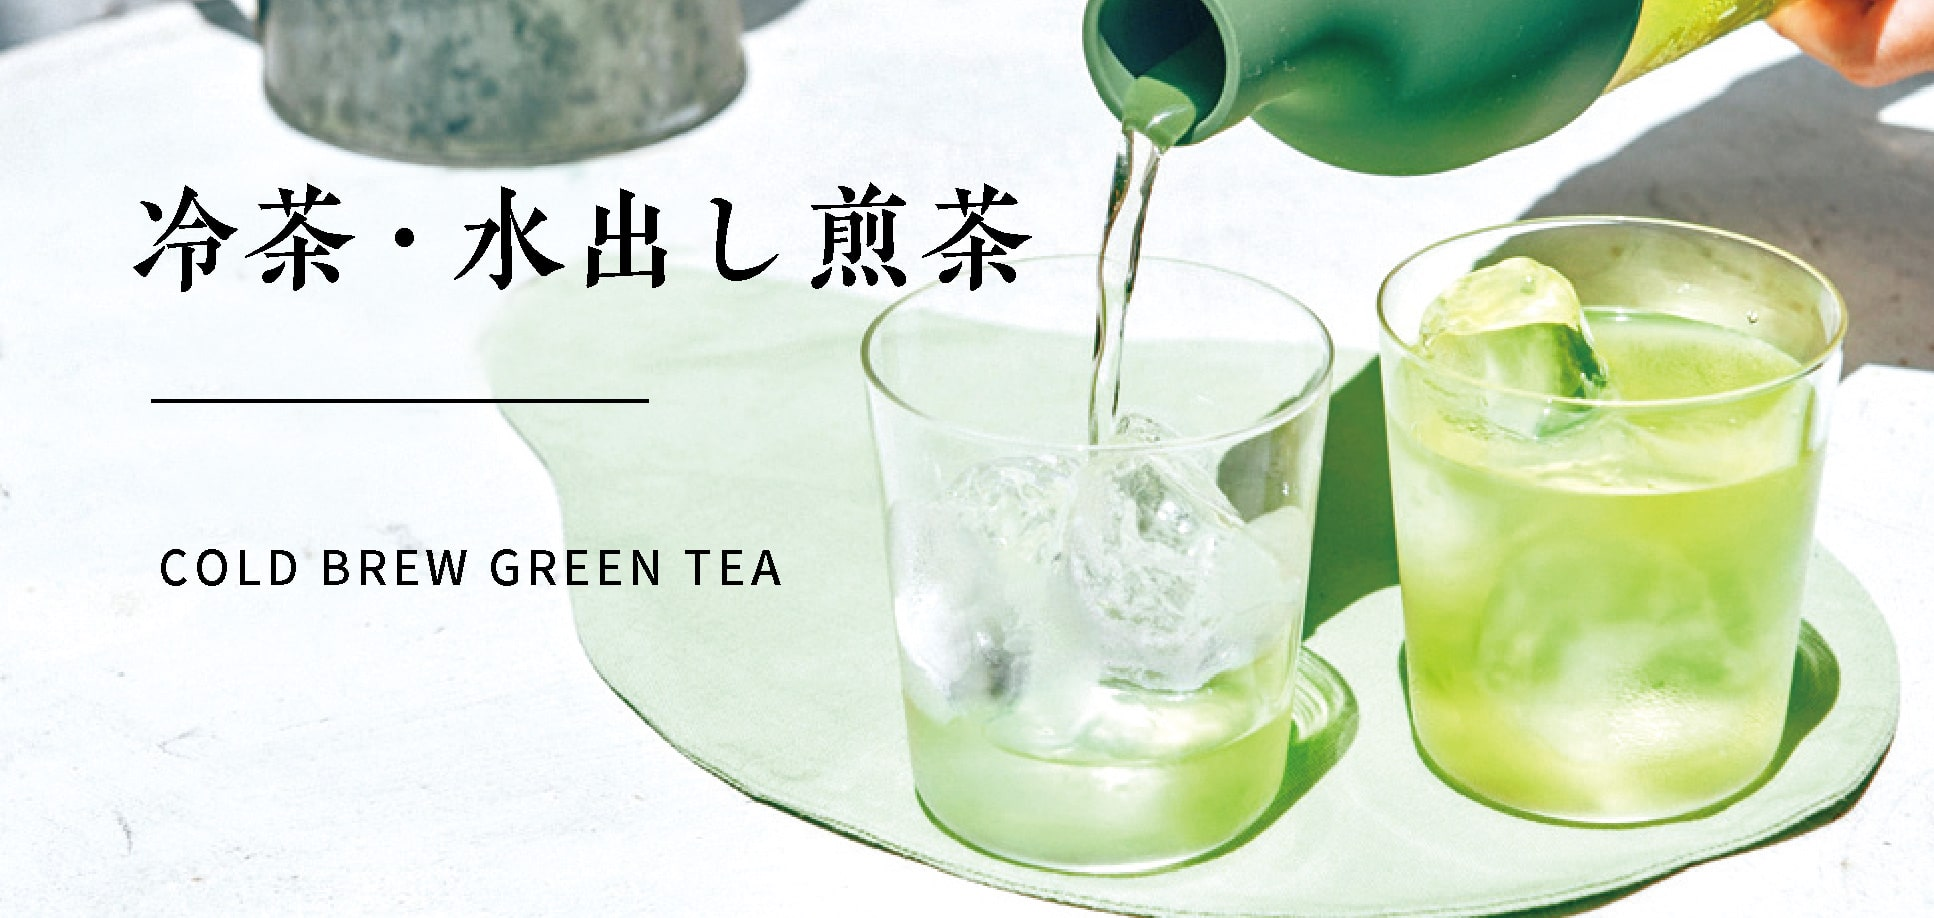 【かねじょう・茶の庭】水出し煎茶 冷茶 ティーバッグ・リーフ・茶葉